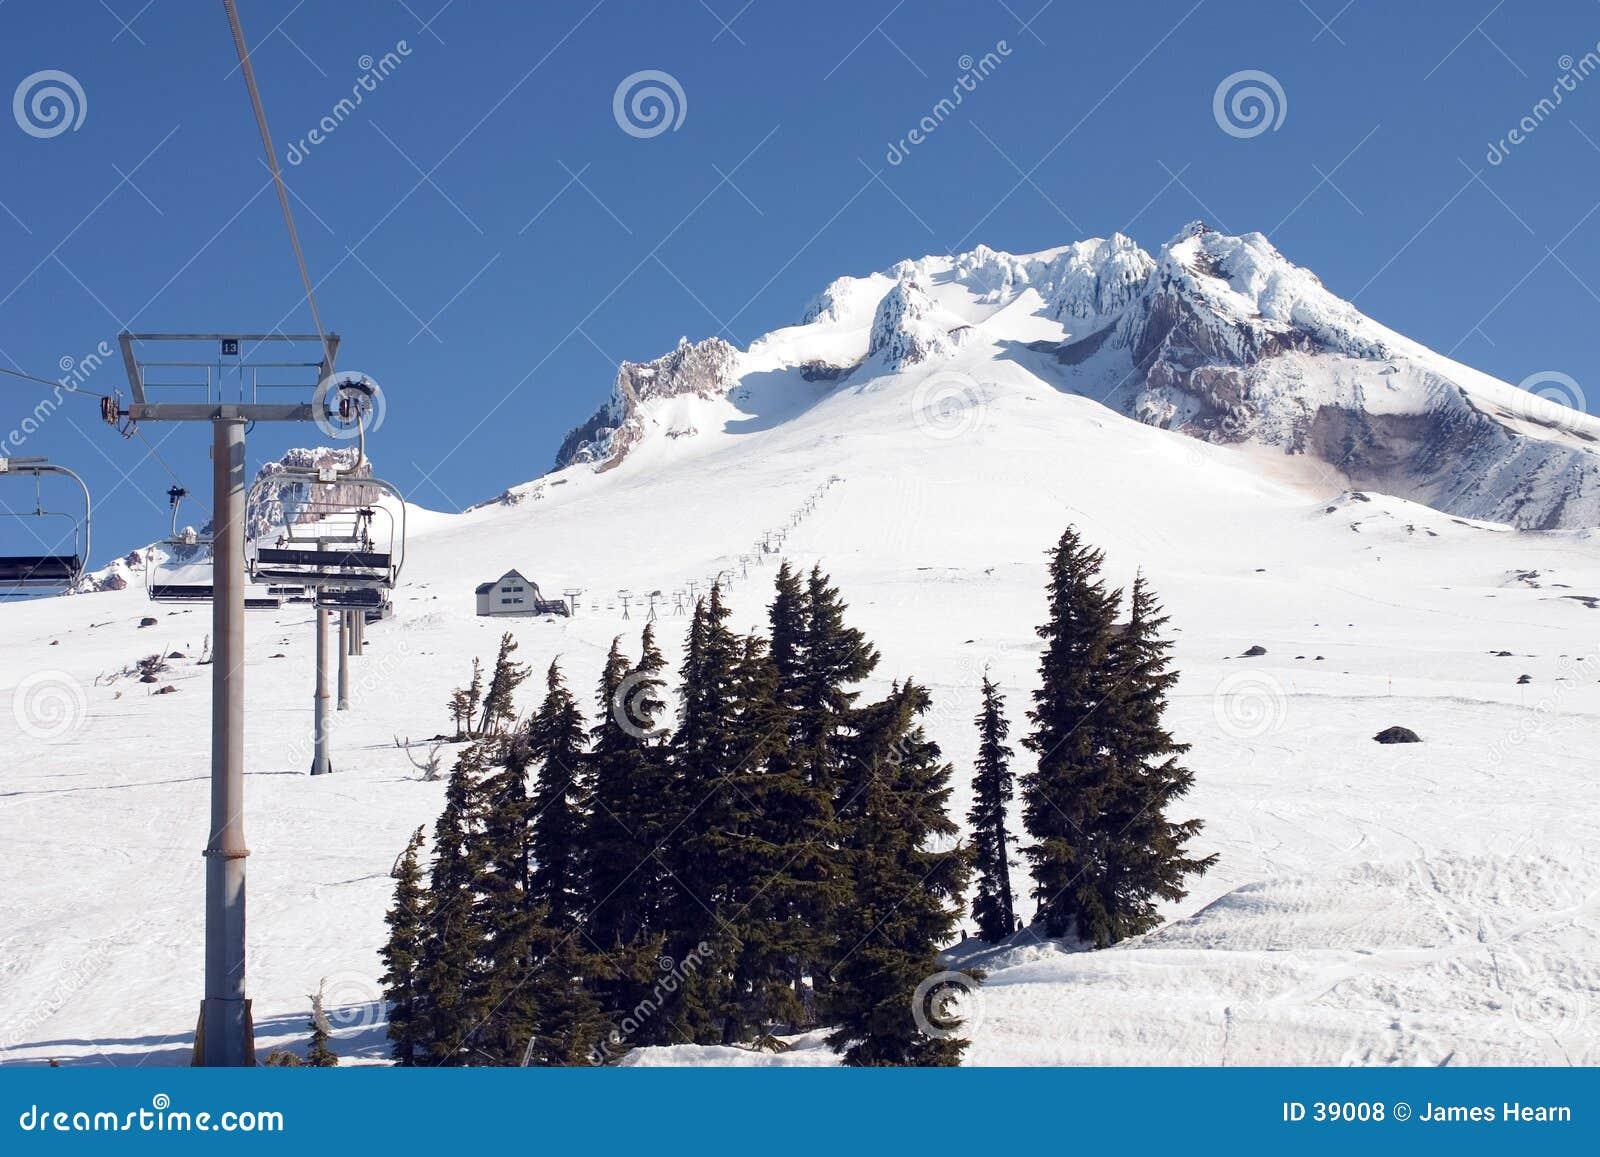 Ski lift on Mt Hood 2.